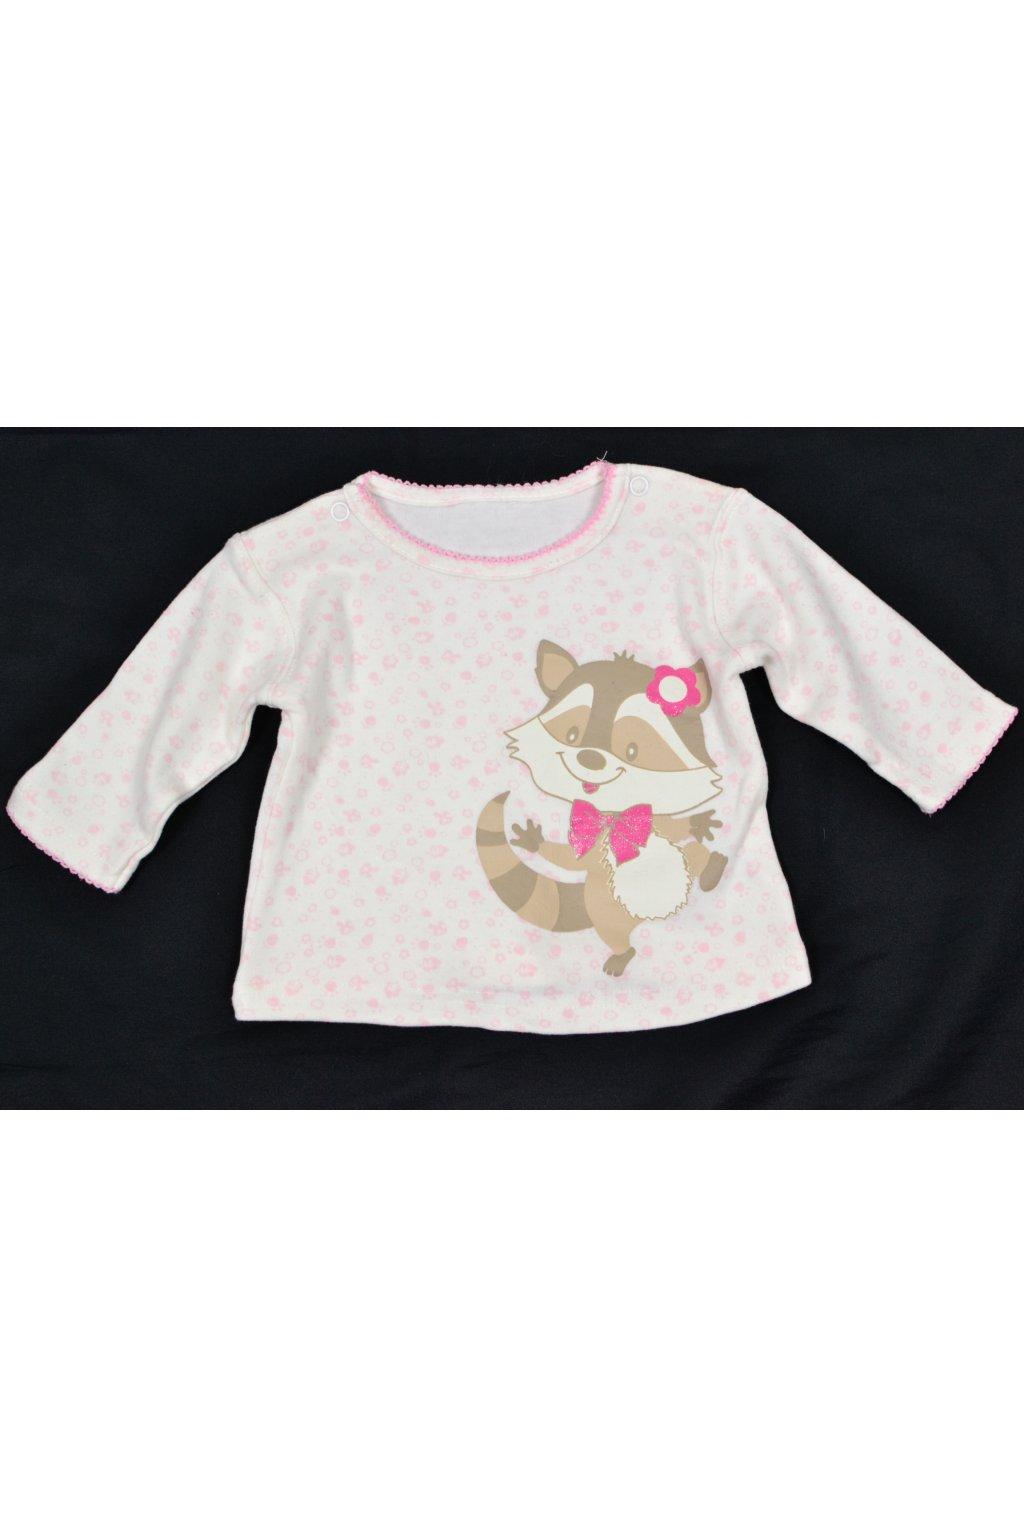 Tričko Ergee 0-3M bílo růžové s obrázkem